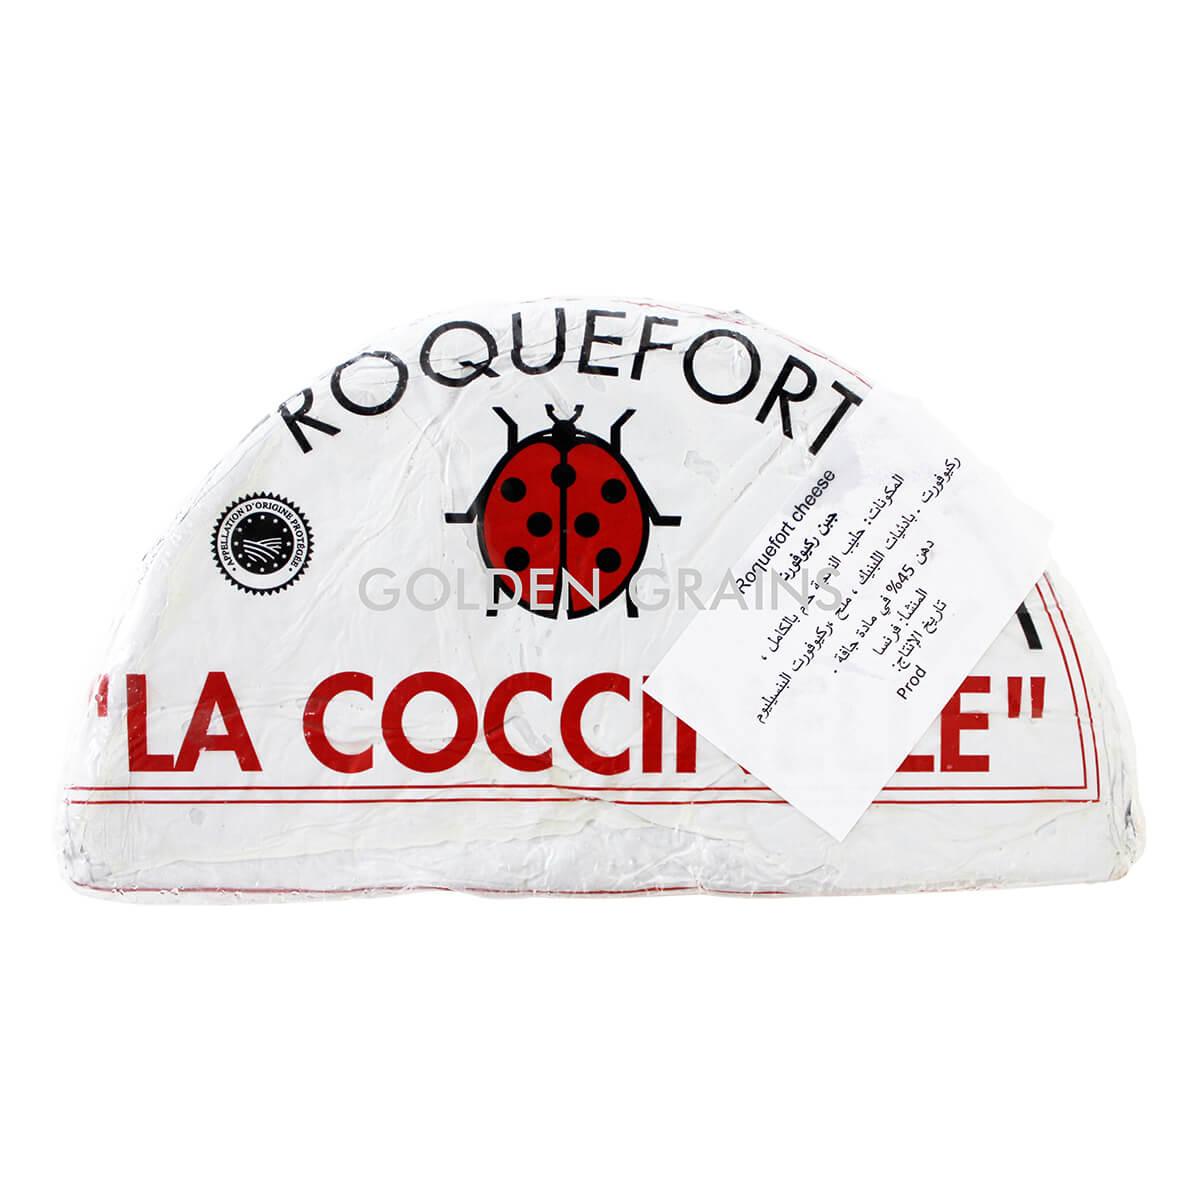 Roquefort La Coccinelle